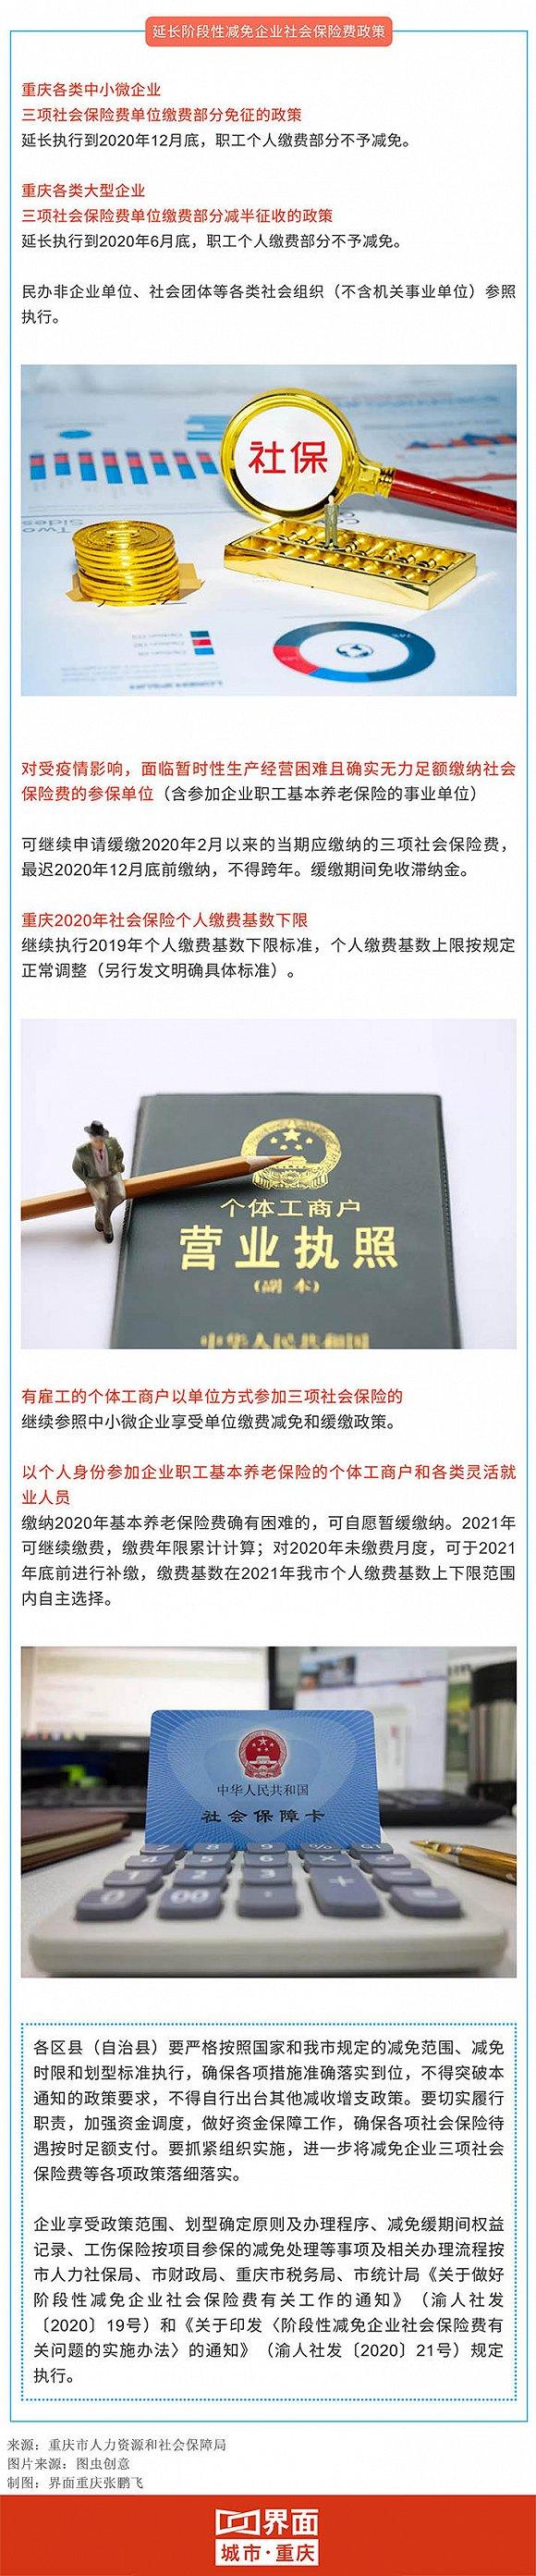 重庆中小微企业社保费:企业部分